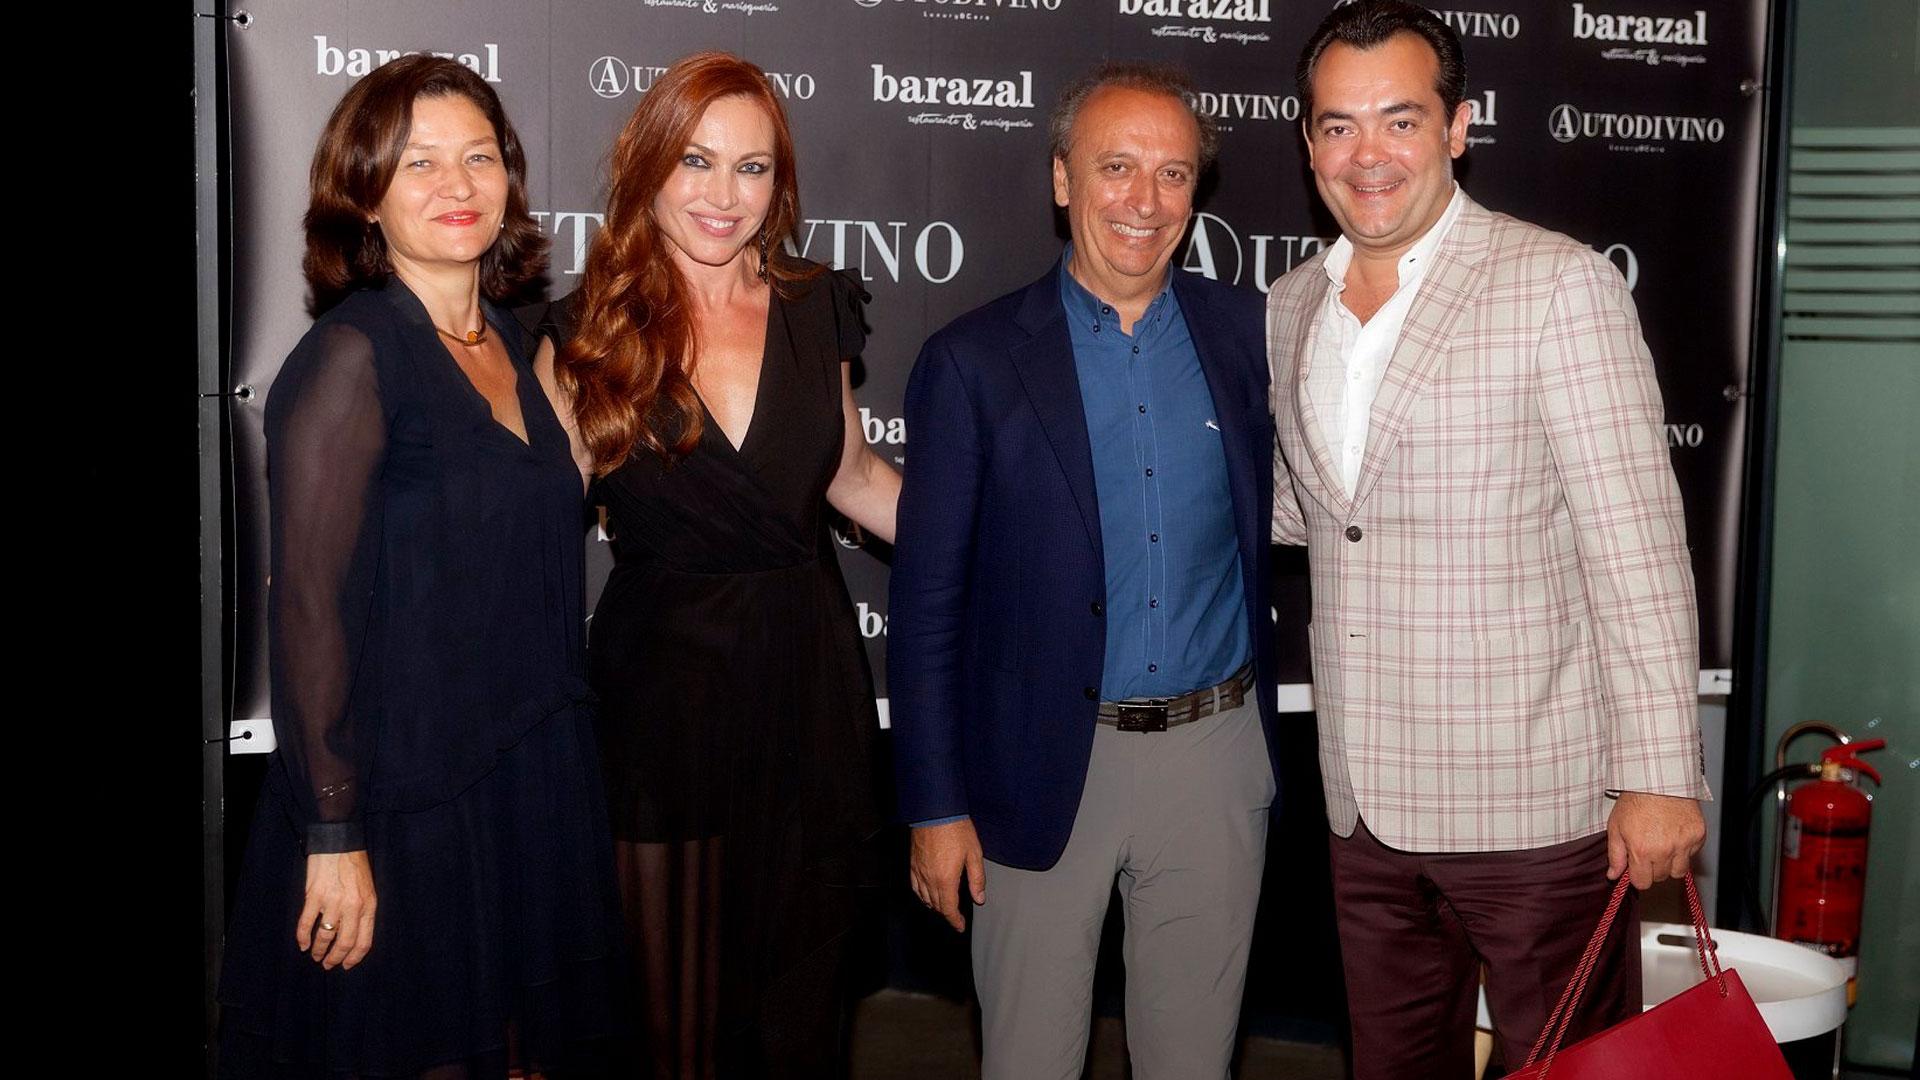 Cartier exhibe sus creaciones en Autodivino Luxury&Cars